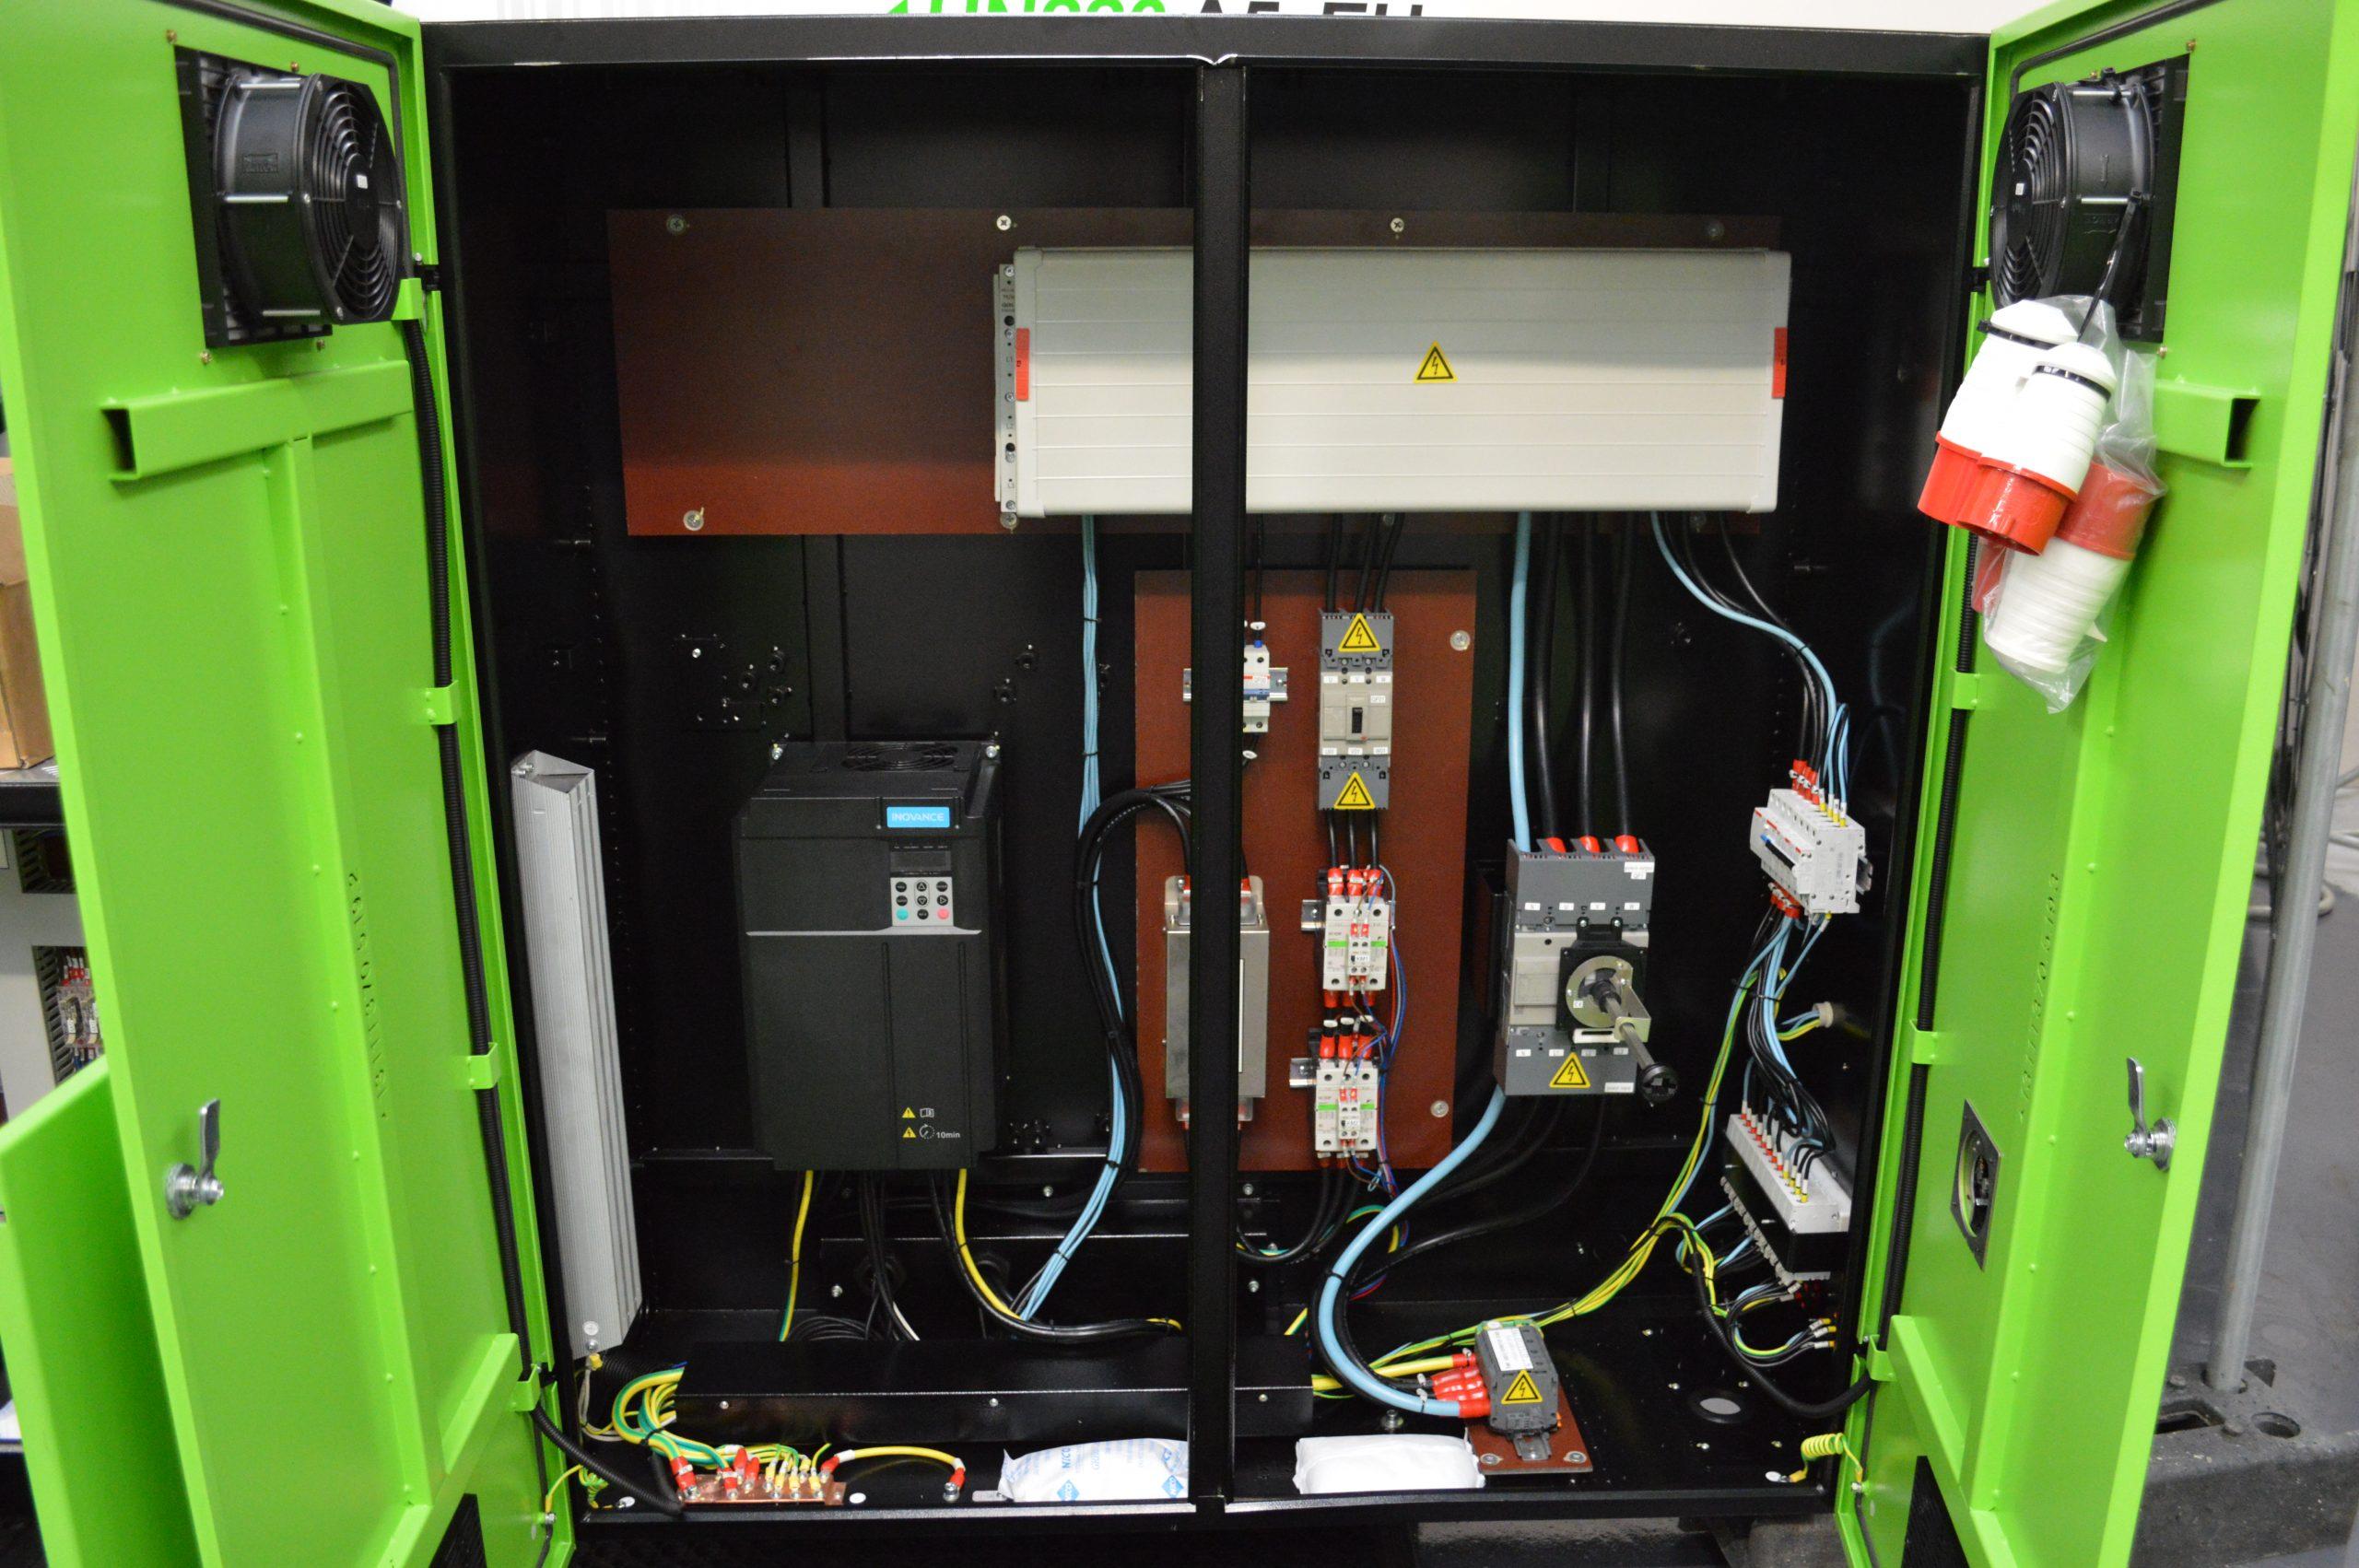 A5-EU electrical cabinet